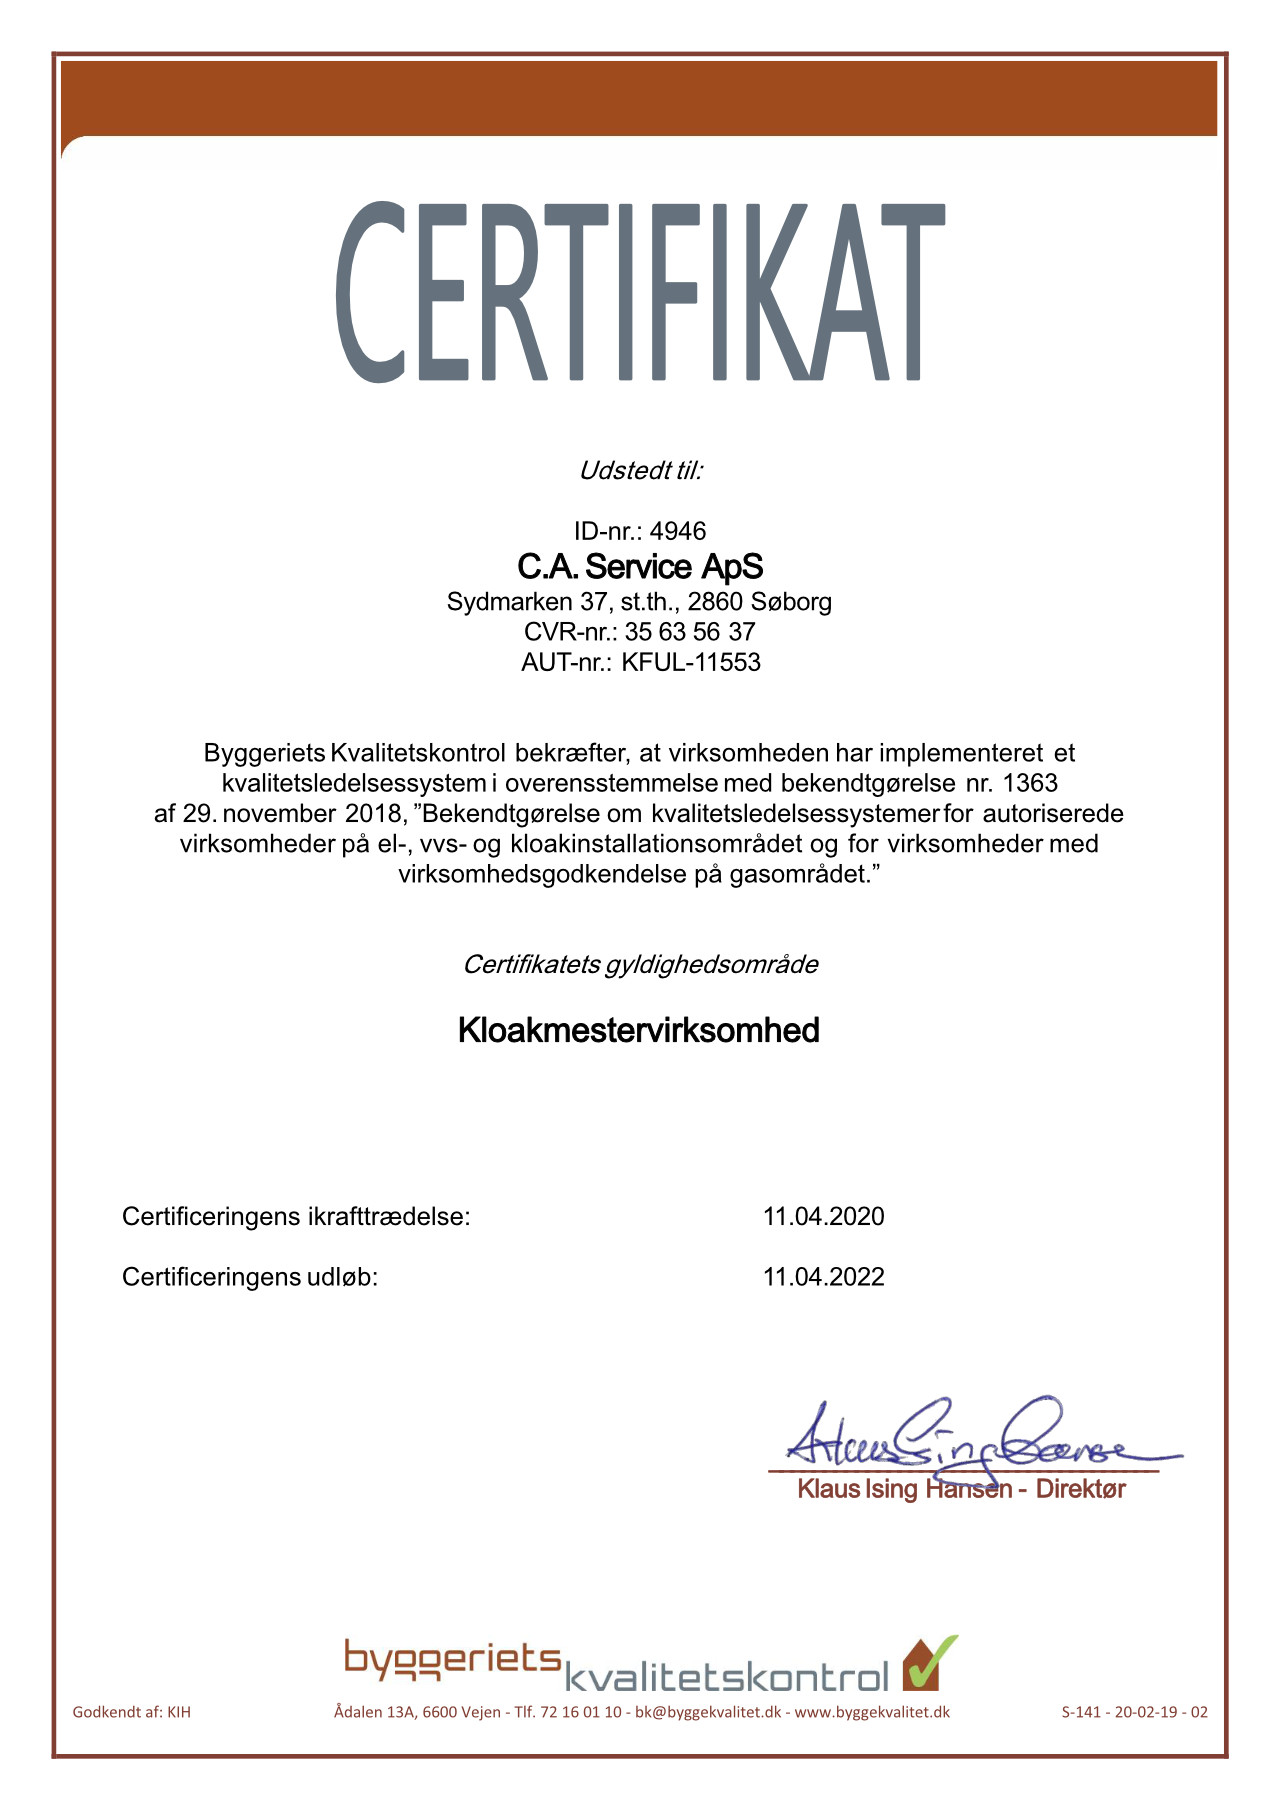 Certifikat for godkendt kvalitetsledelsessystem system